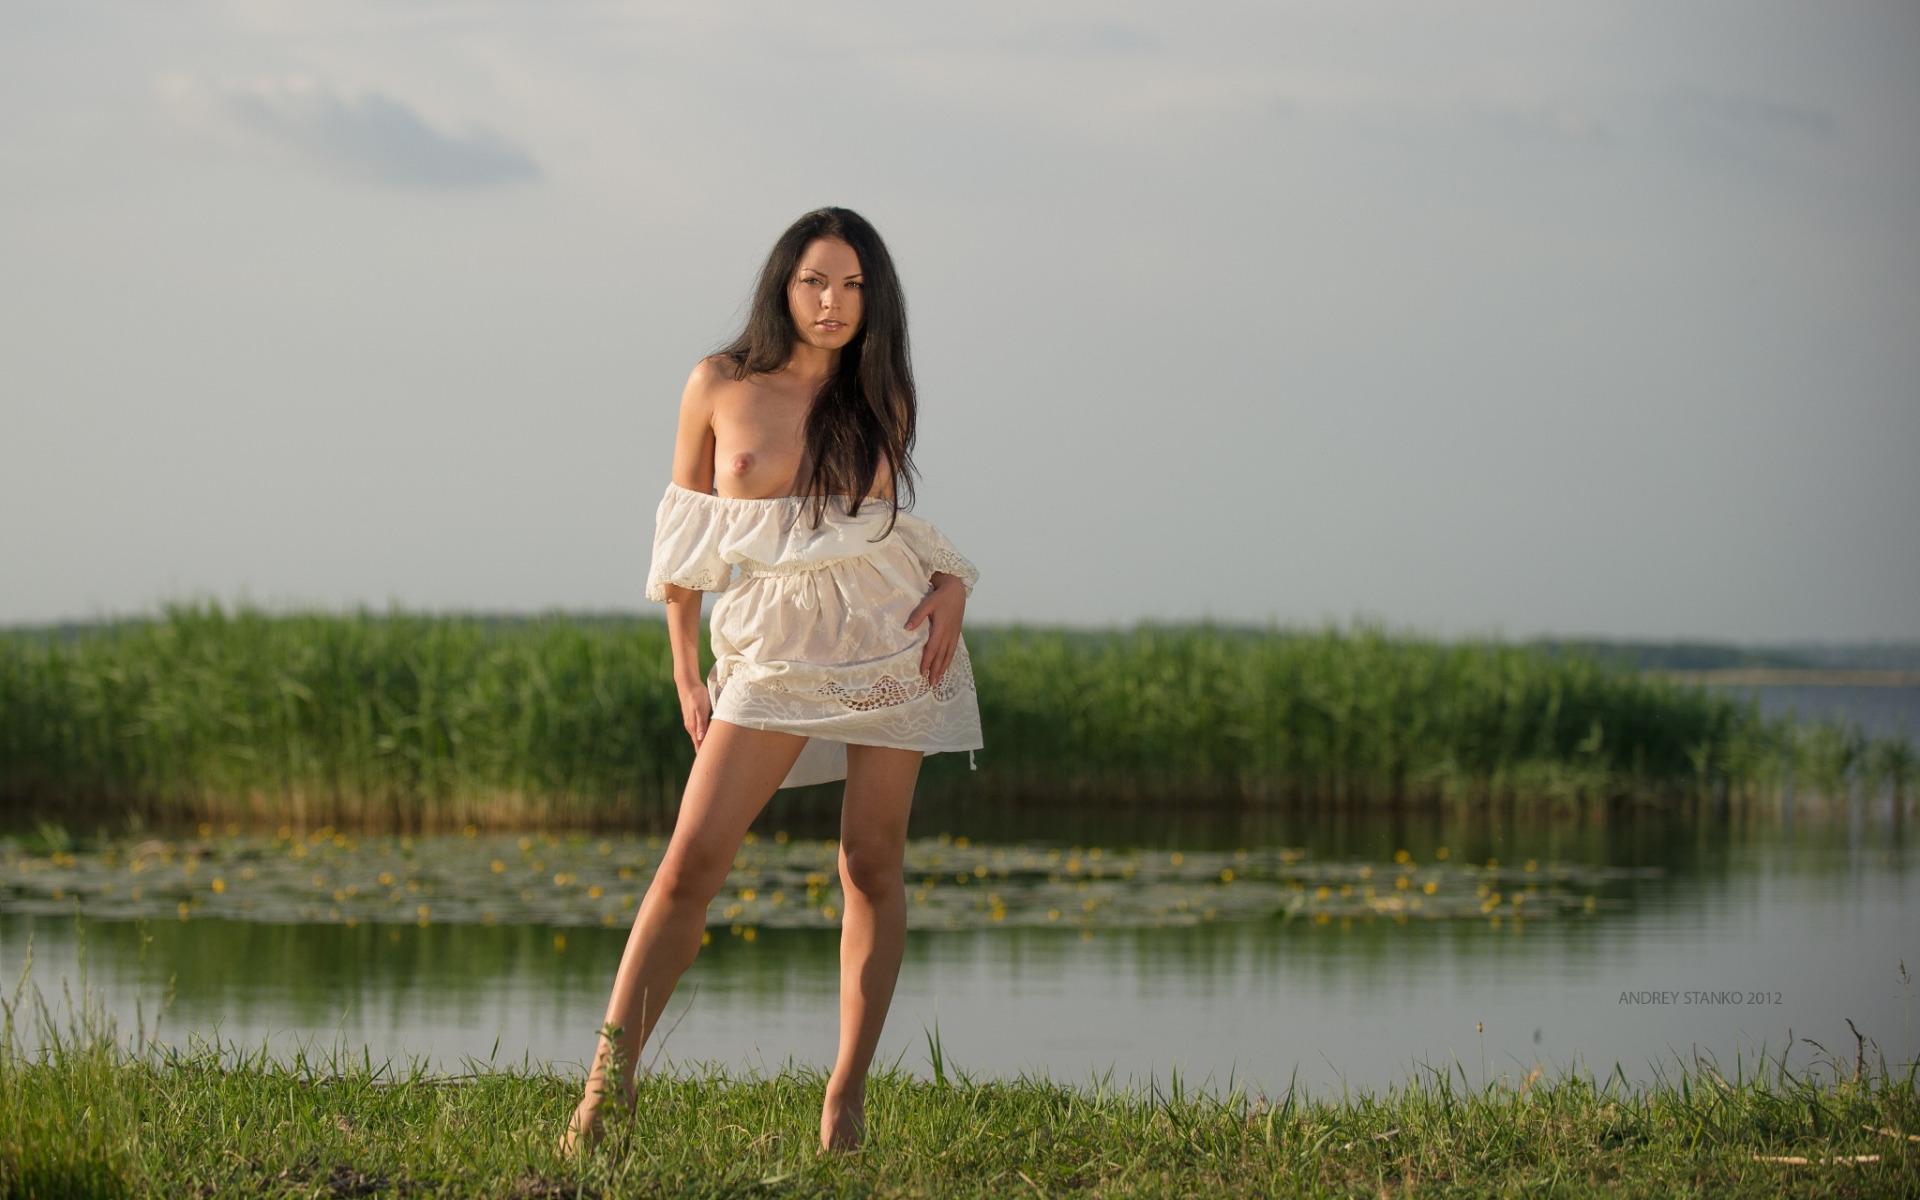 Хрупкая брюнетка прогуливается голышом возле озера  152885